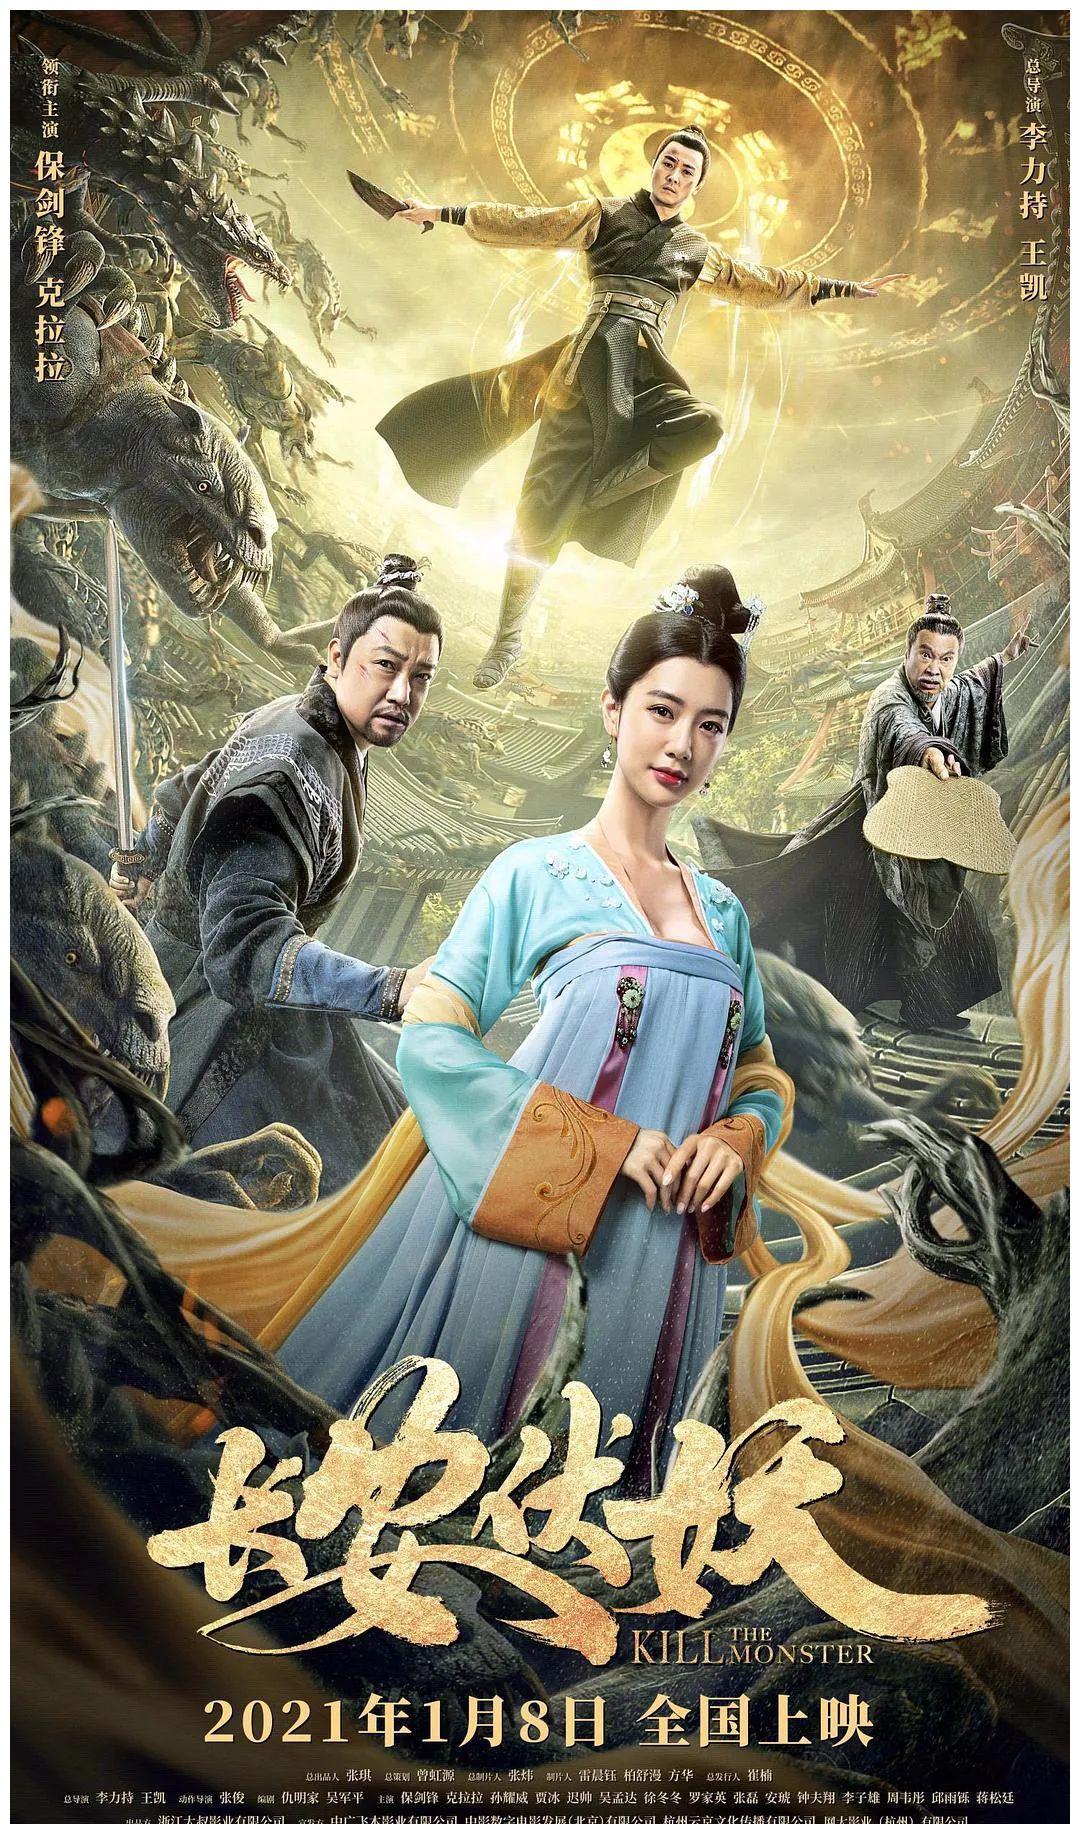 这部新派武侠电影,既有香港电影的奇幻,又有周星驰式搞笑